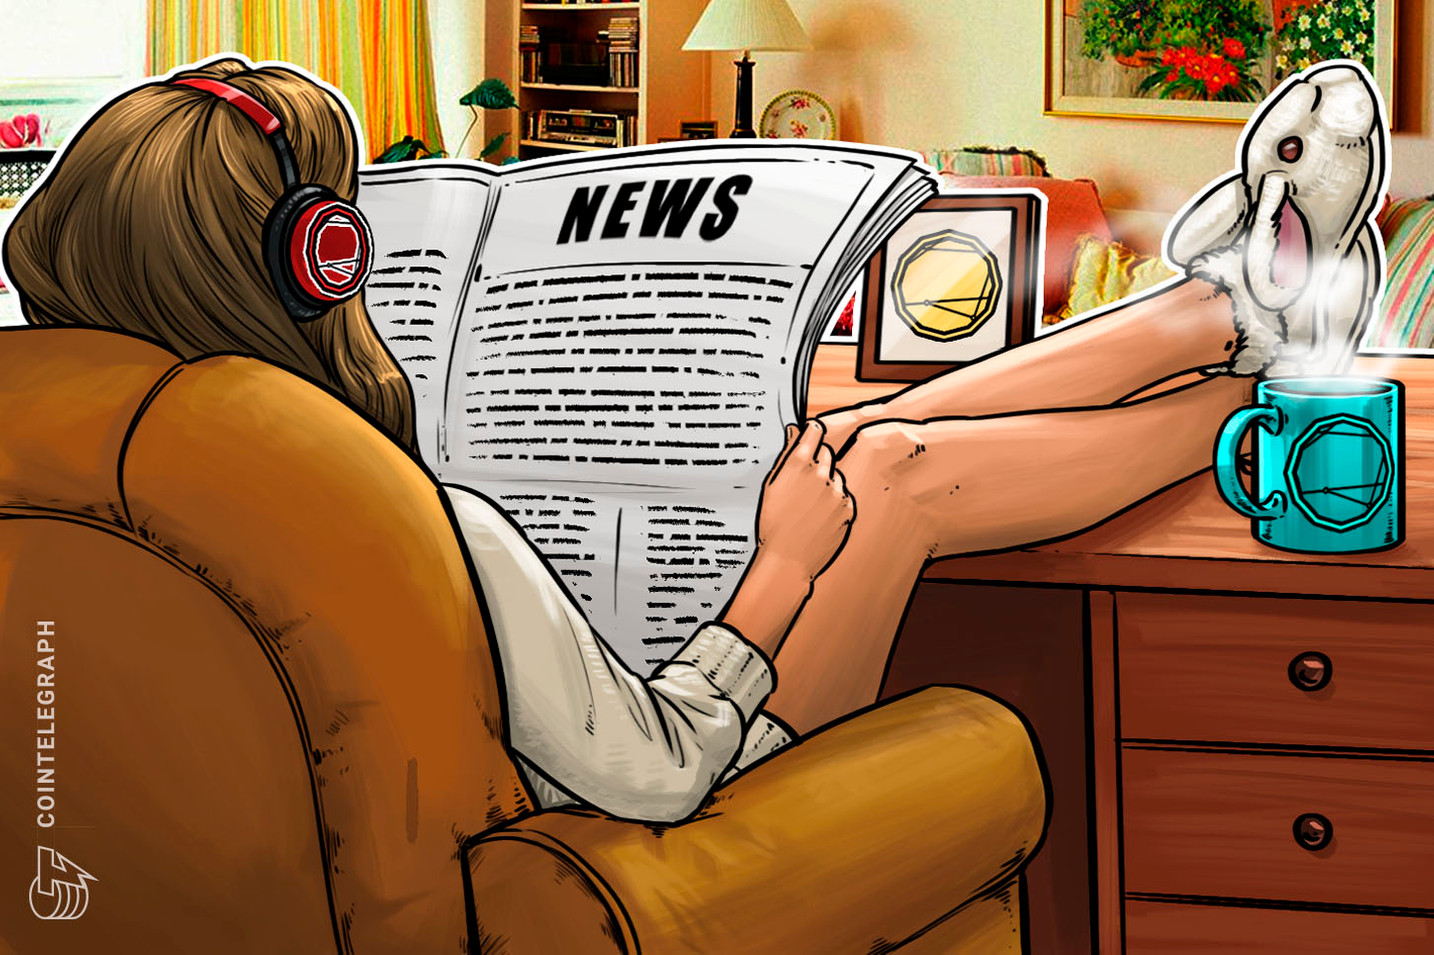 ビットコイン裏付けされたイーサベースの仮想通貨WBTC 取引開始